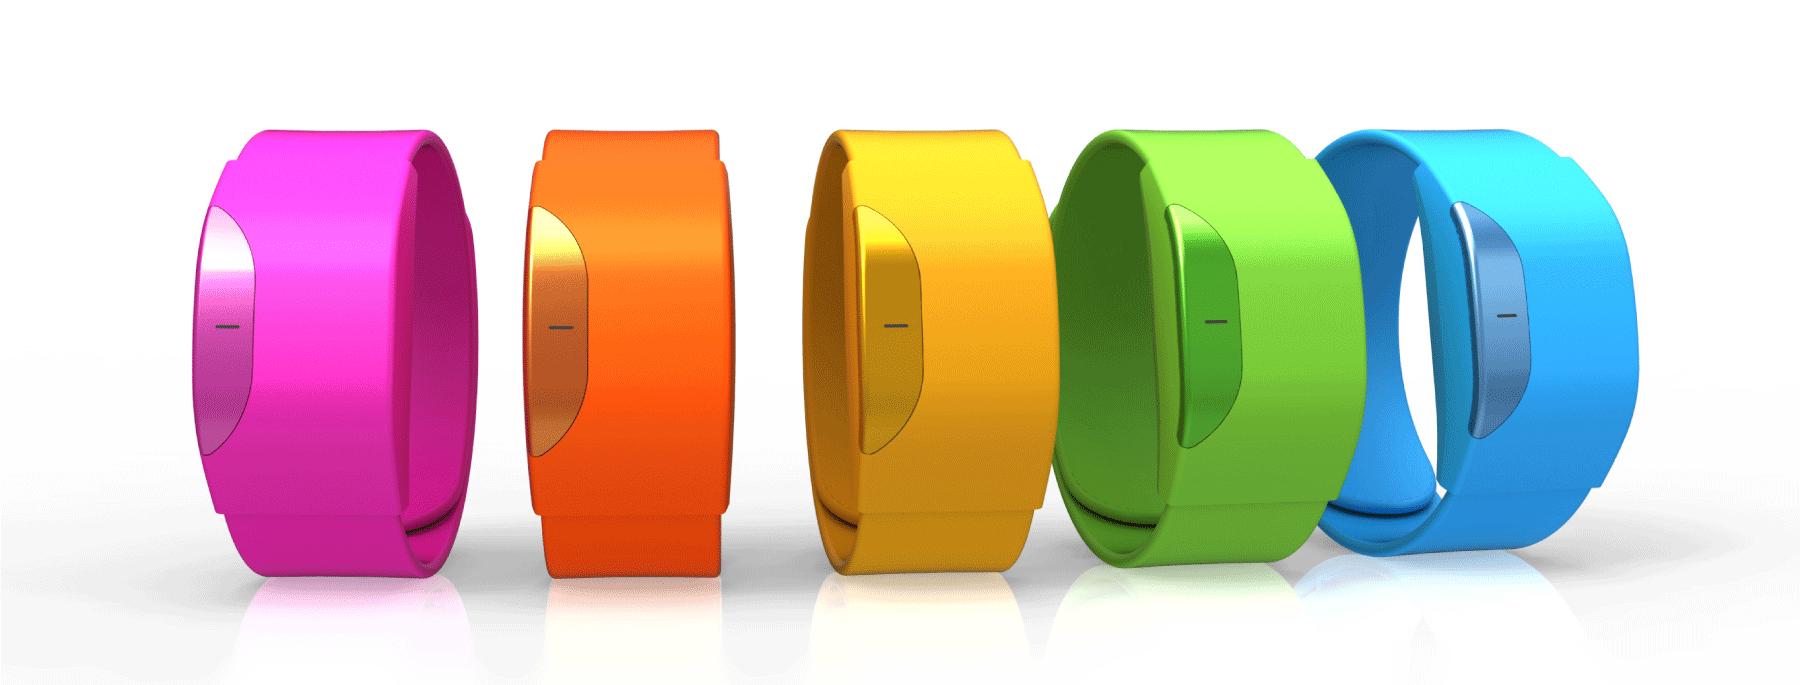 Moff band – смарт браслет для юных пользователей